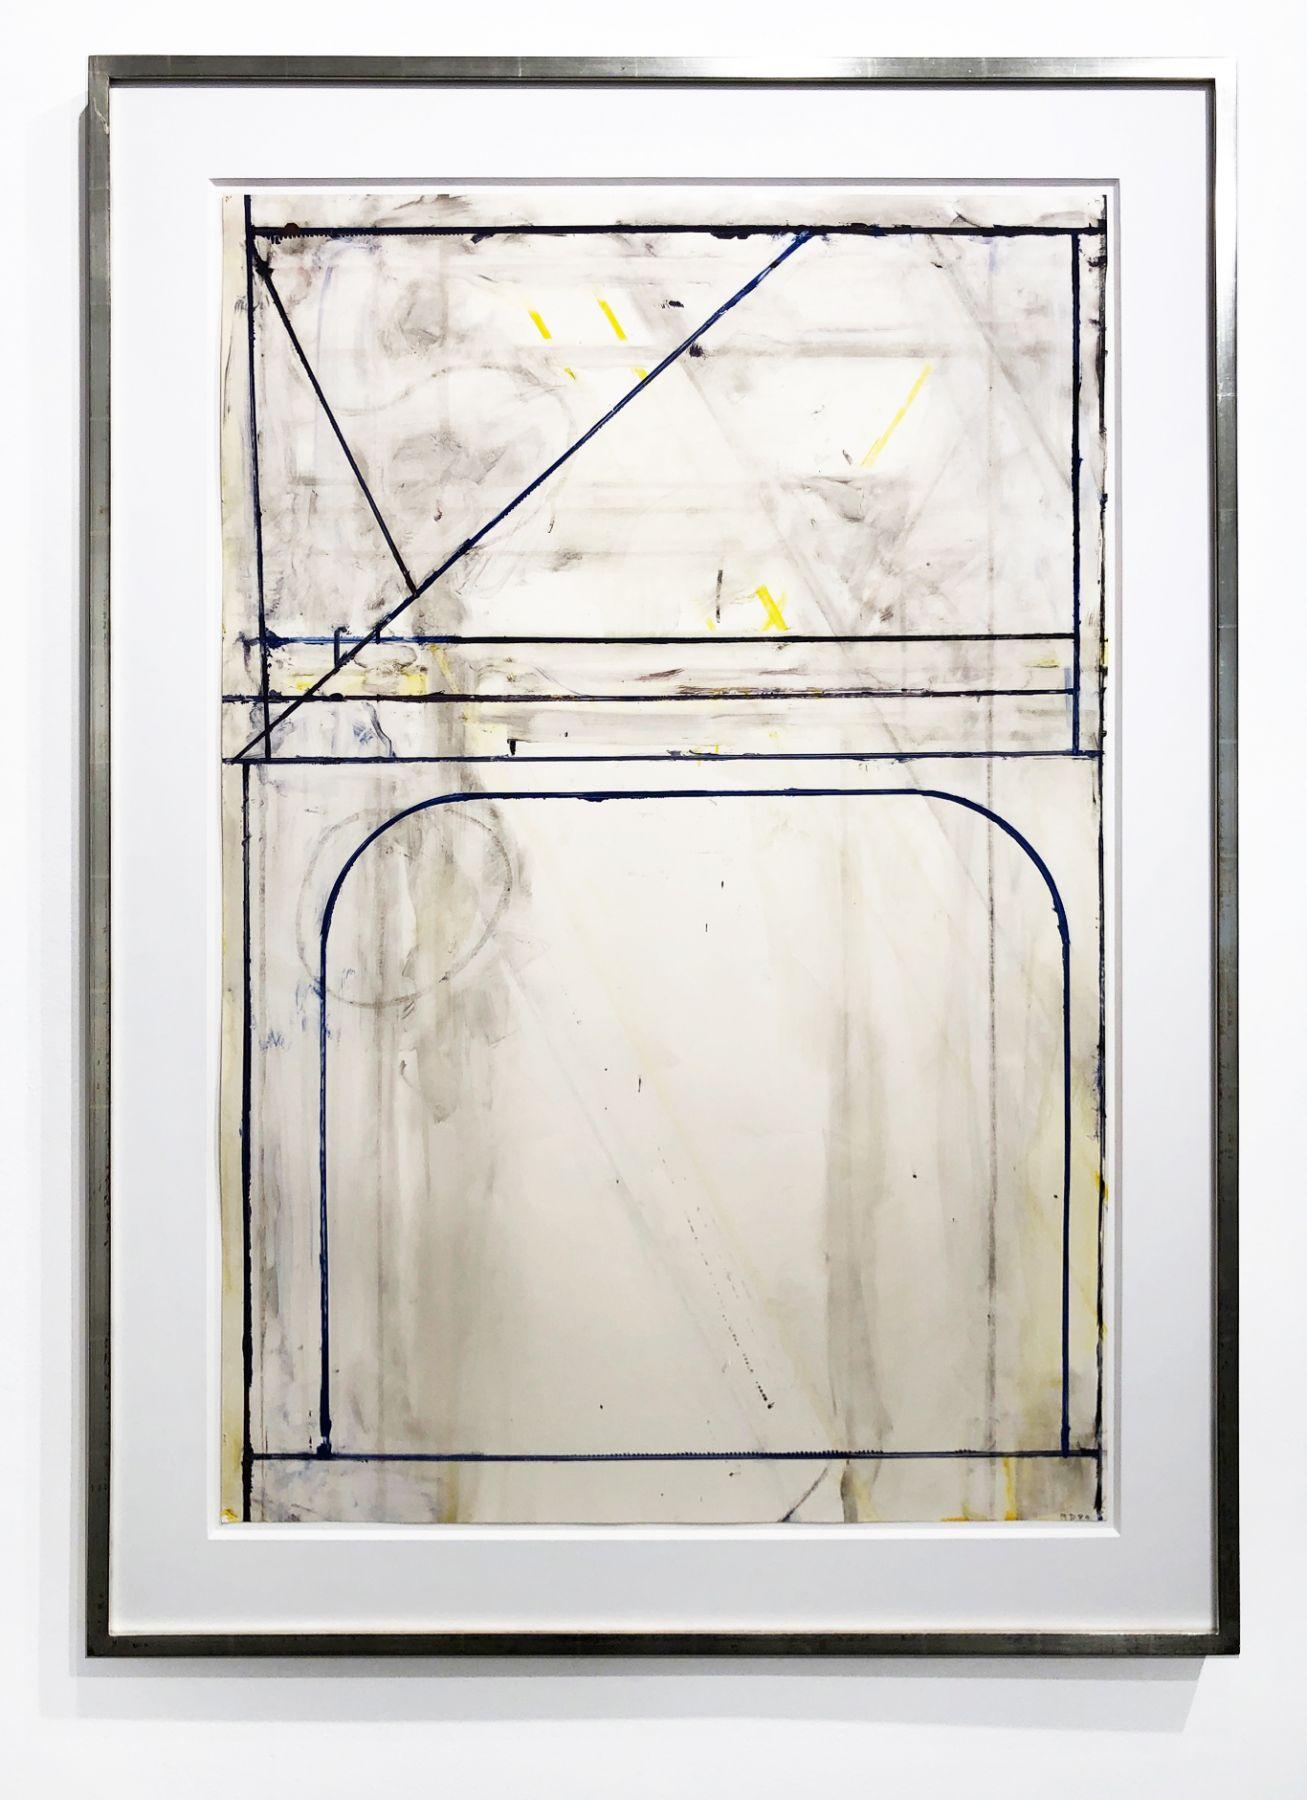 Richard Diebenkorn, Untitled (Ocean Park), 1980